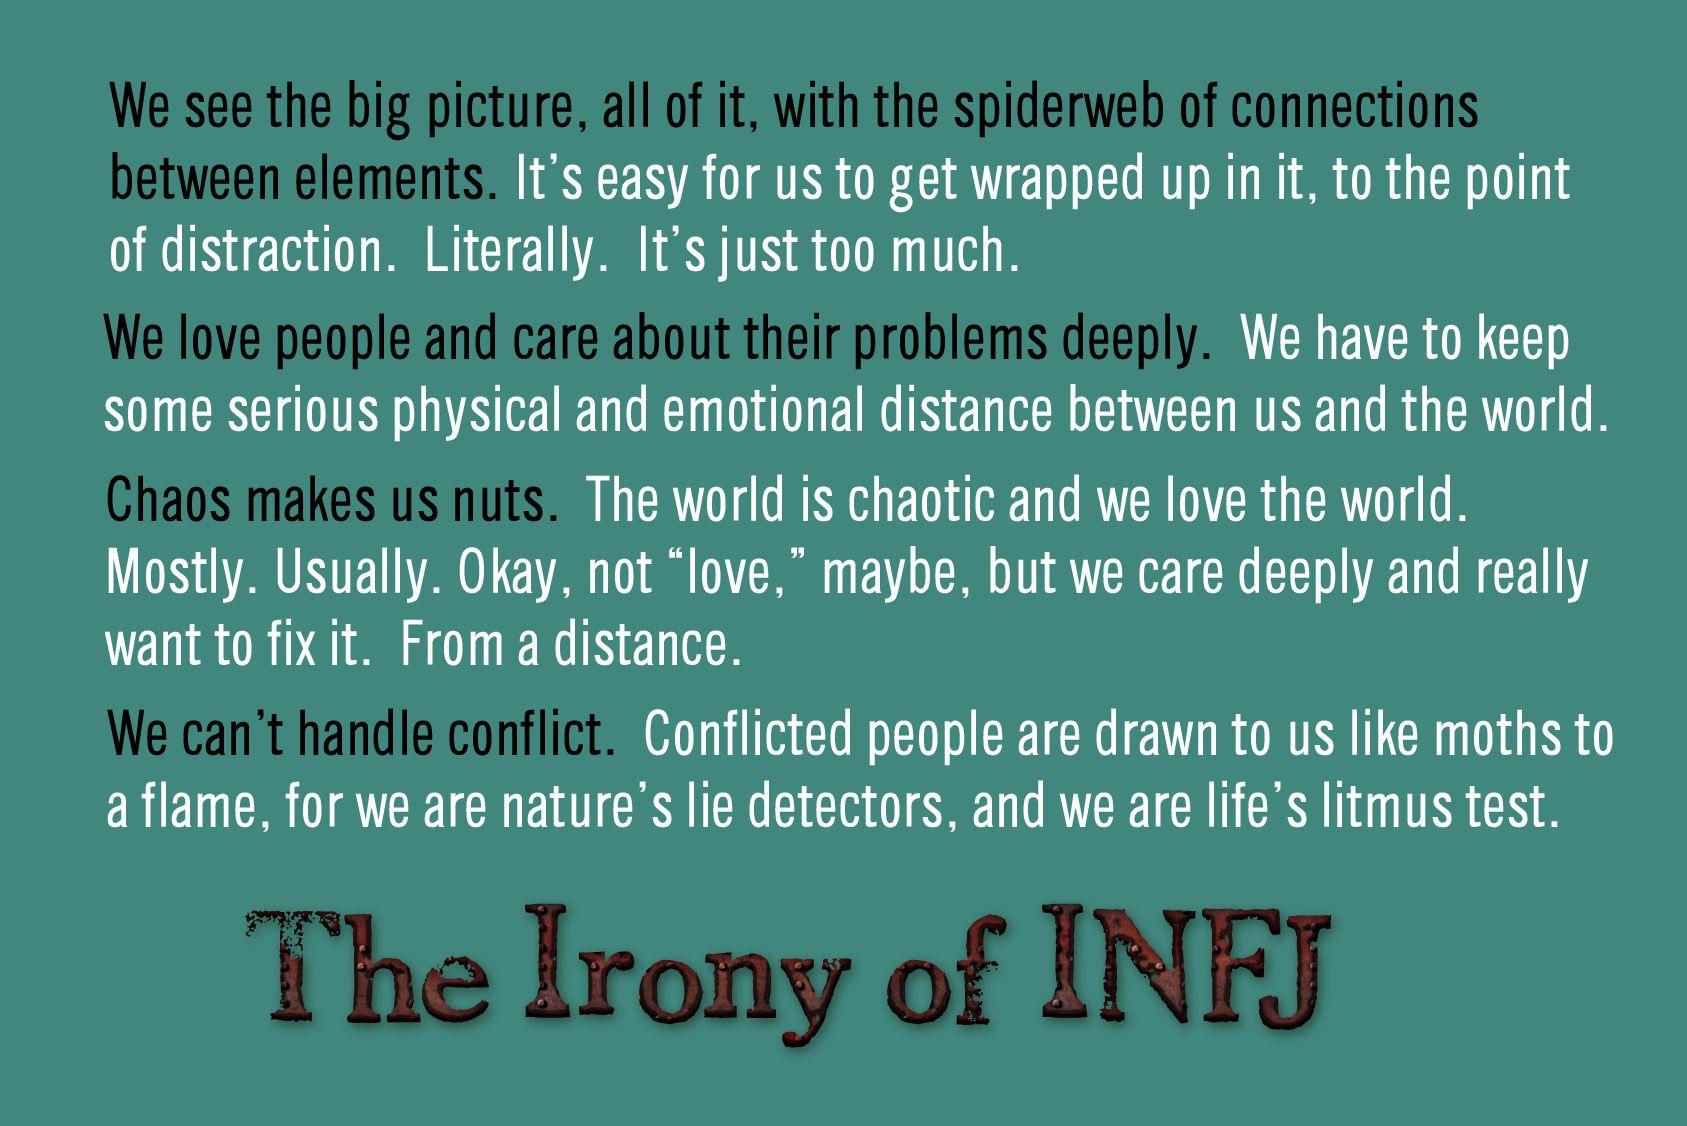 infj vs intj relationship problems